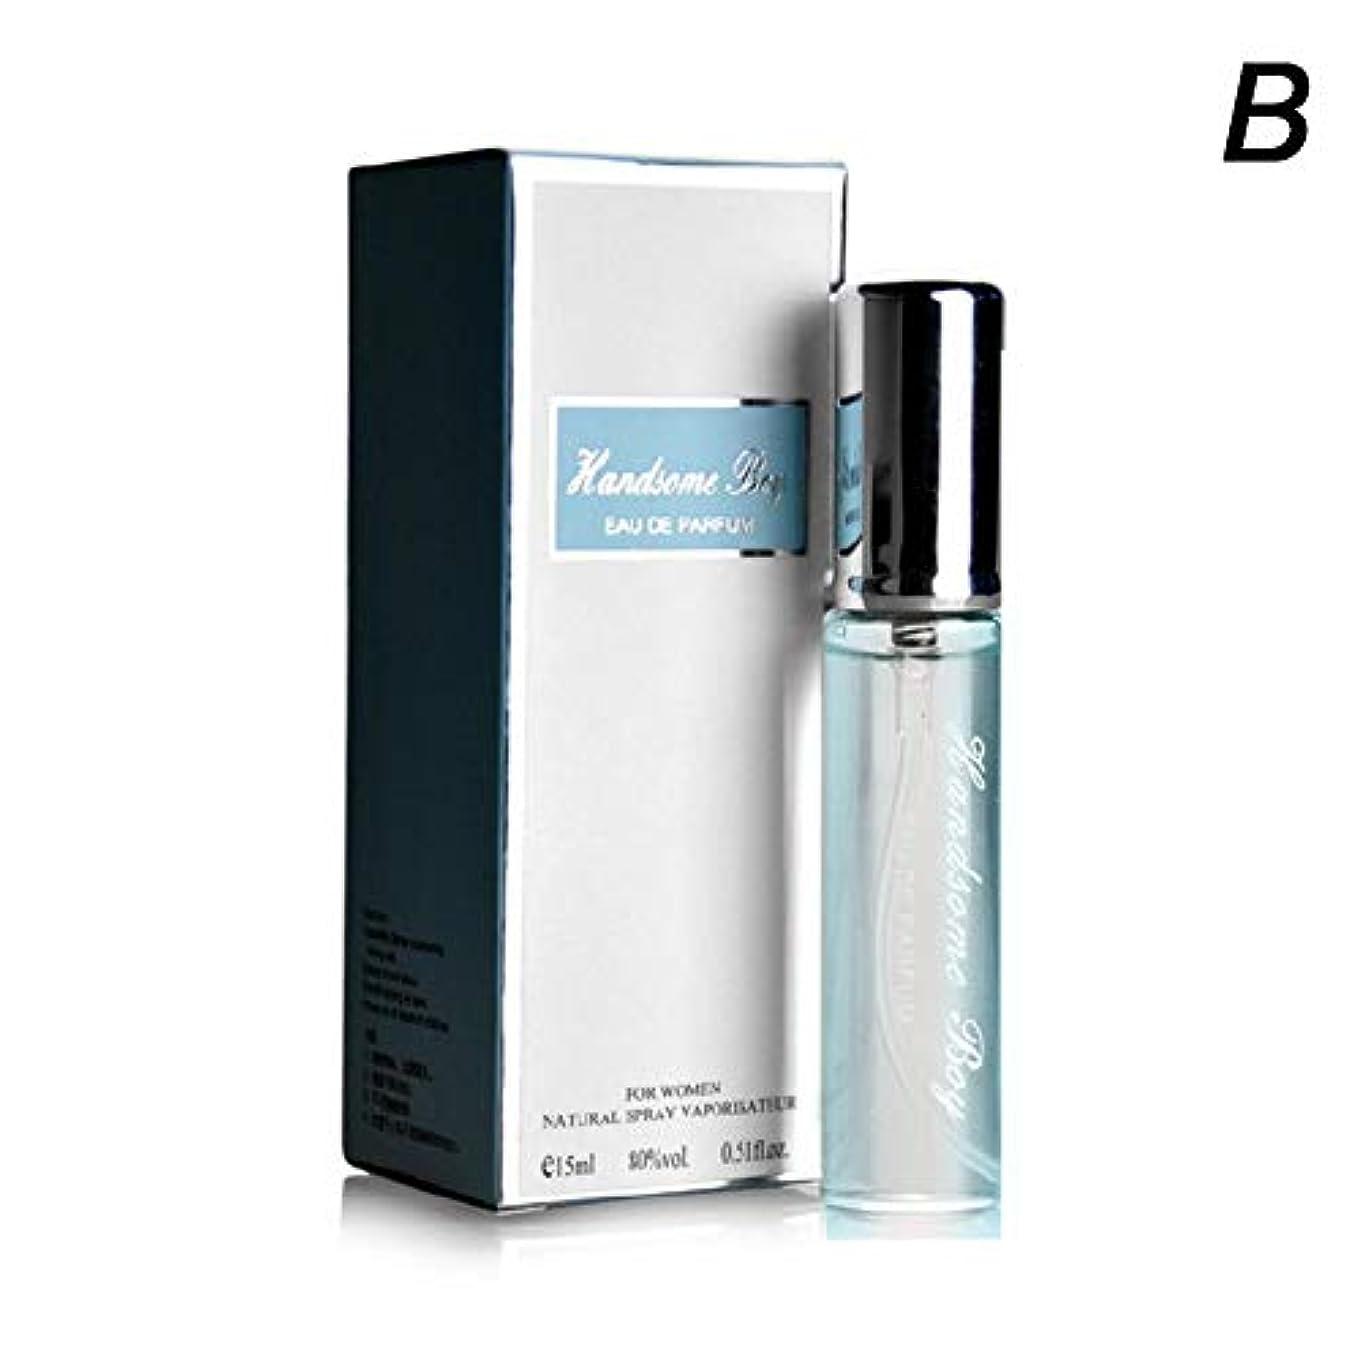 マオリペチュランス政治BETTER YOU (ベター ュー) 男女に通用する香水、自然の香り、持久、ロマンチックな迷情、花の香り (B 男性)